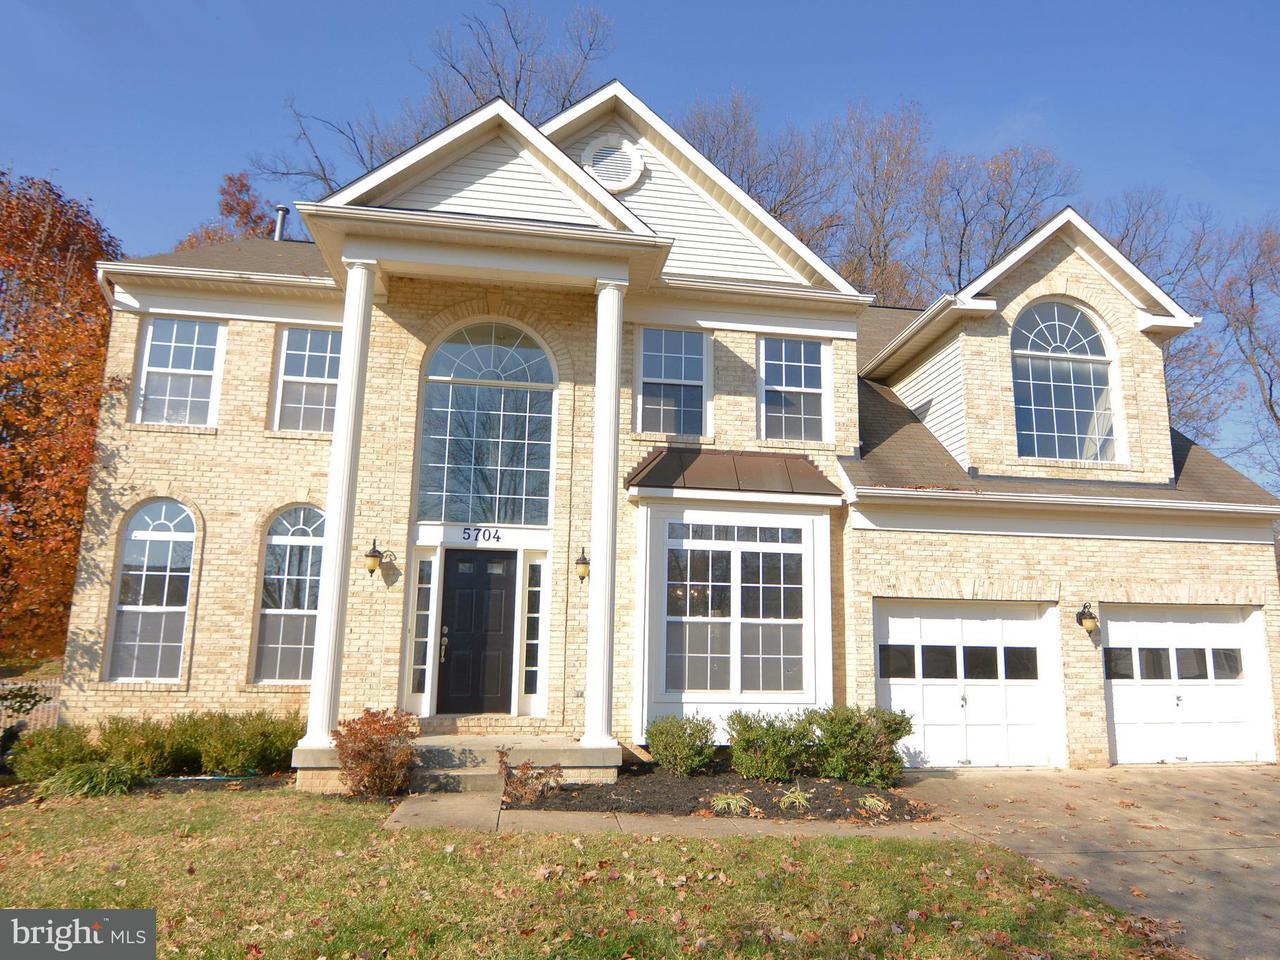 Einfamilienhaus für Verkauf beim 5704 Lyngate Court 5704 Lyngate Court Lanham, Maryland 20706 Vereinigte Staaten